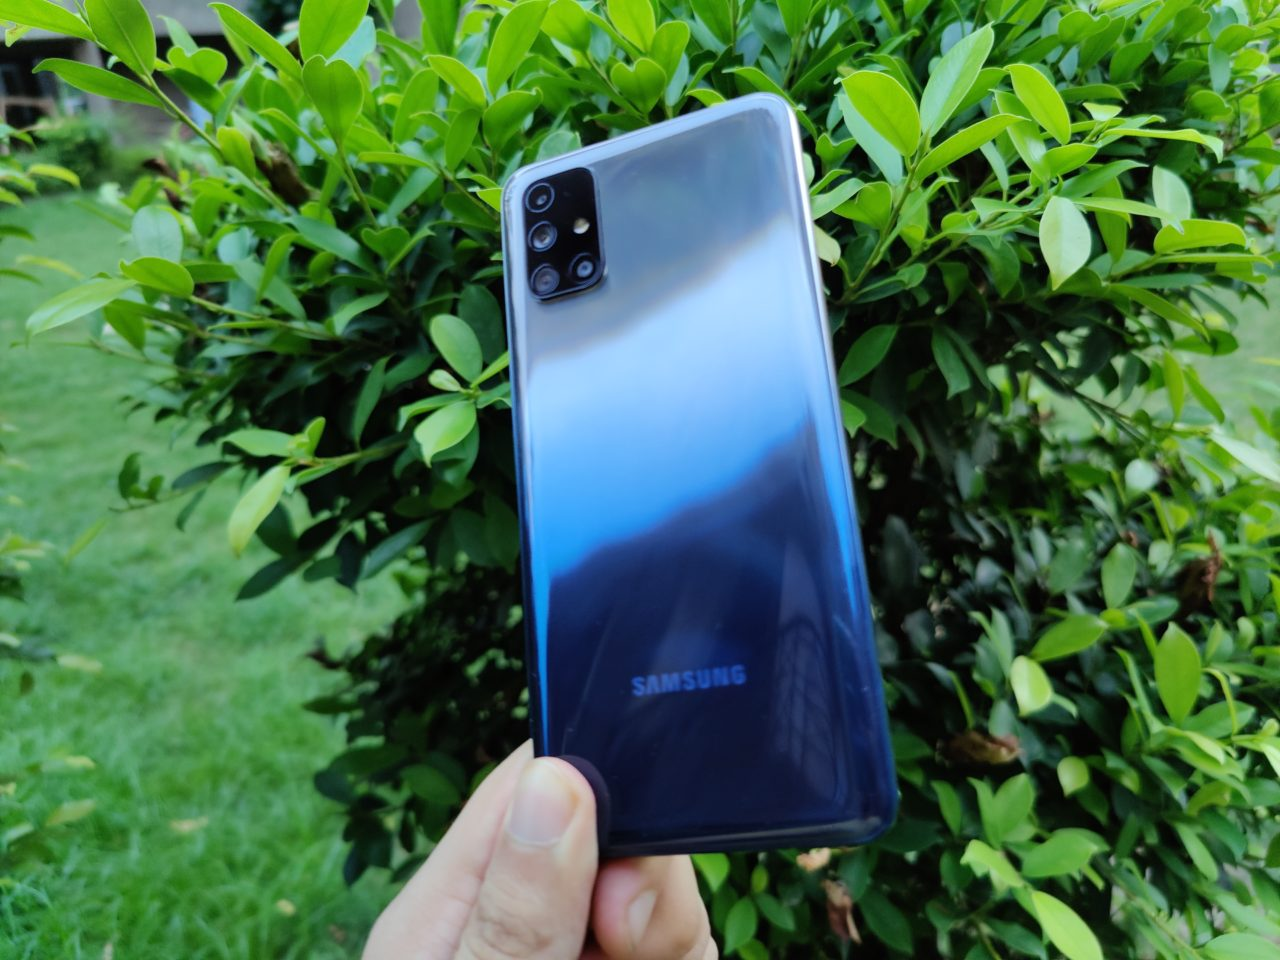 Samsung-Galaxy-M31s-46-1280x960-1.jpg